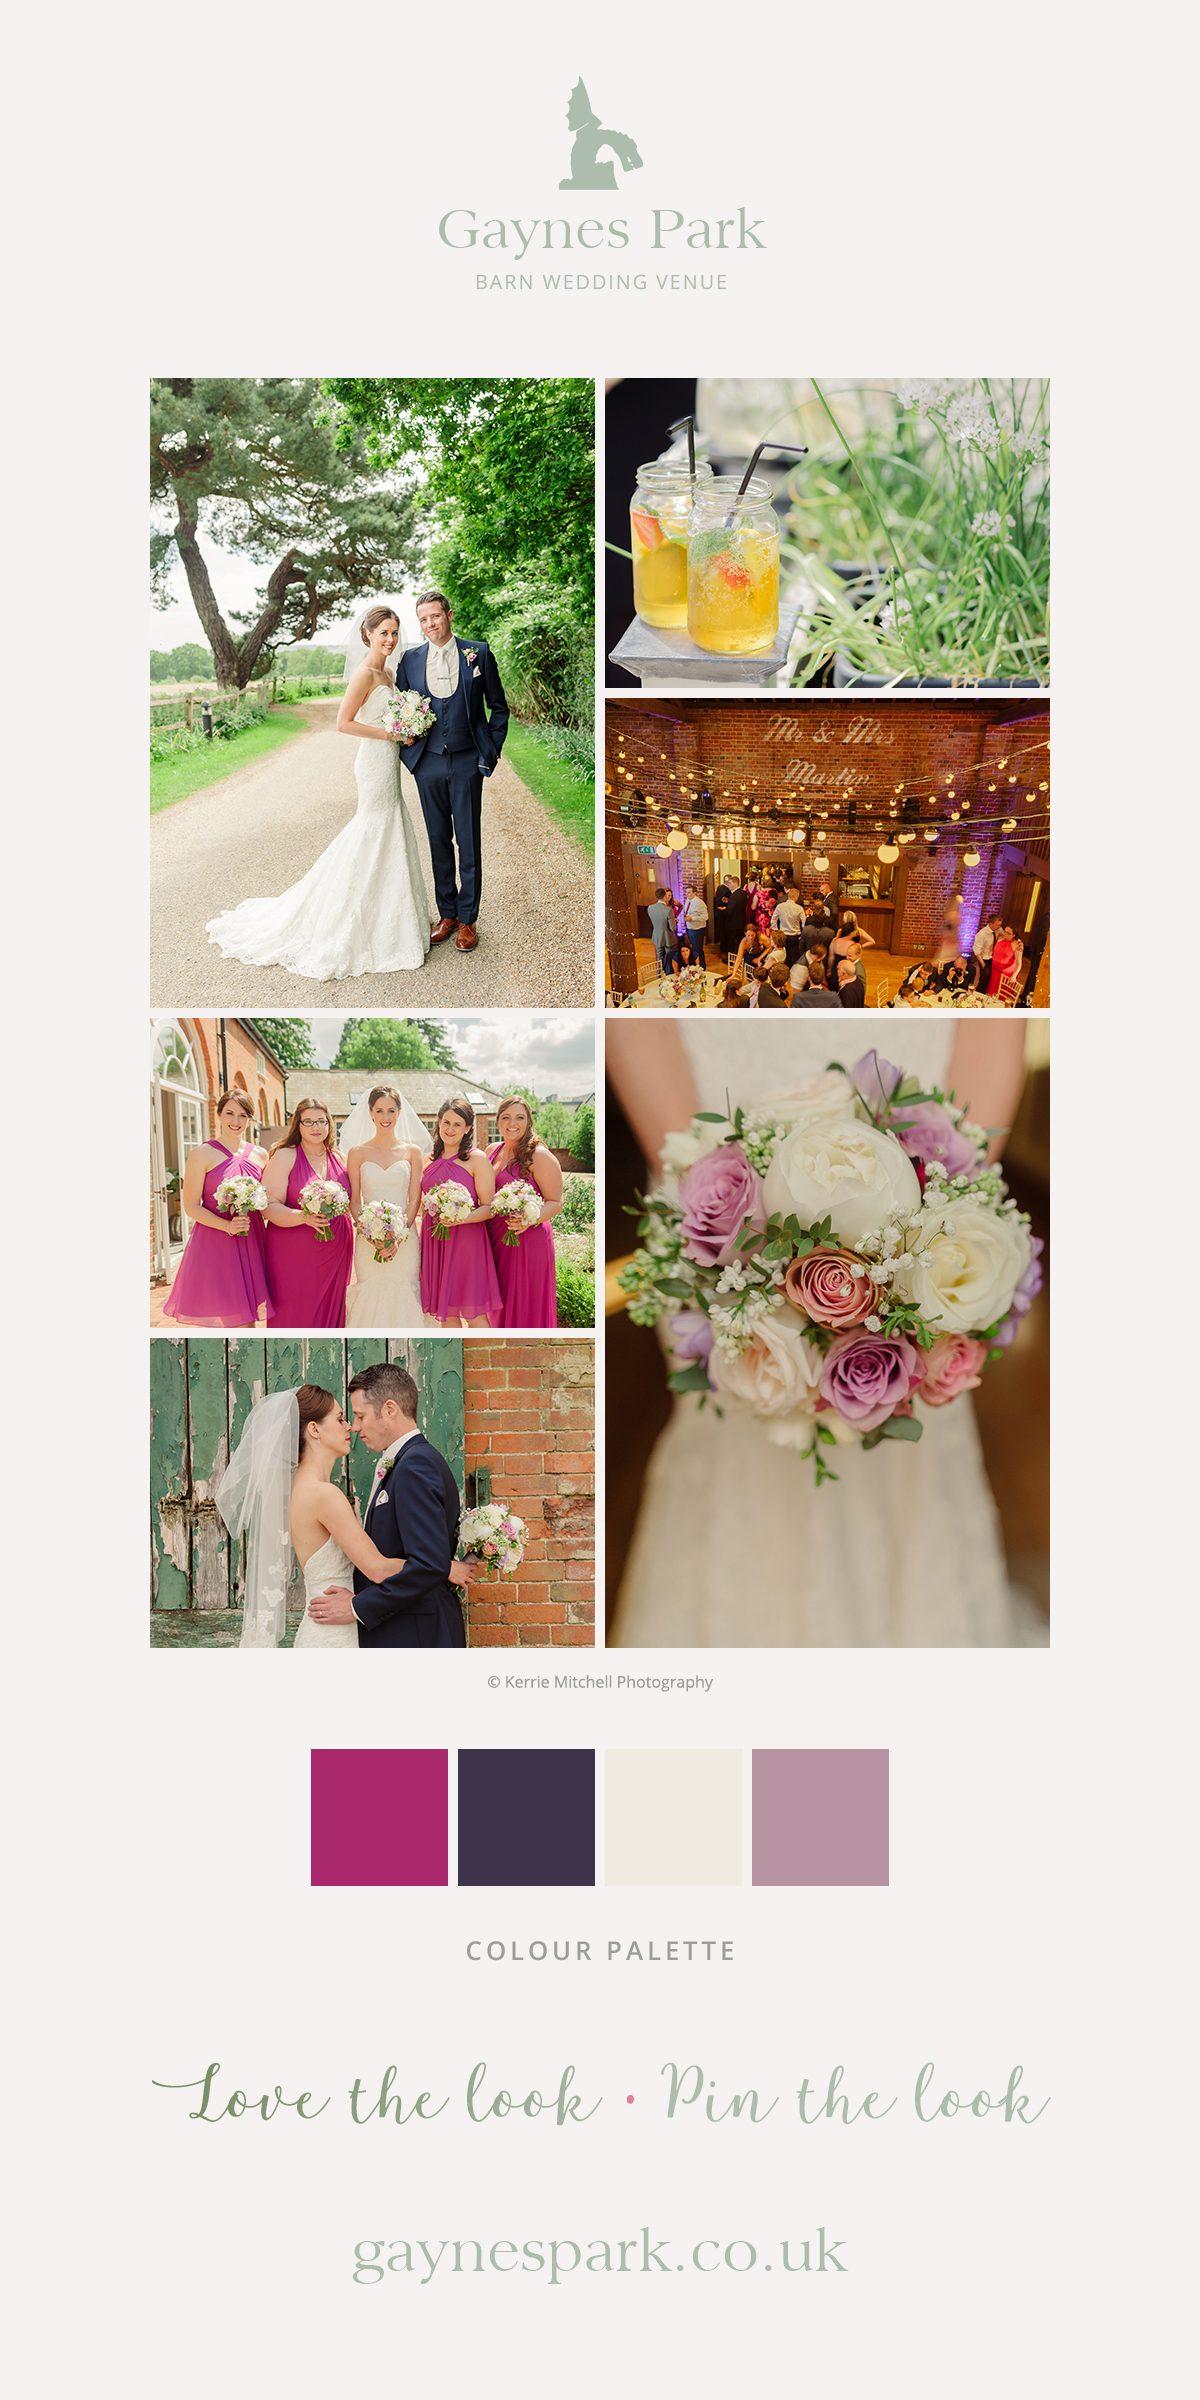 Kay and Lloyd's real life wedding at Gaynes Park